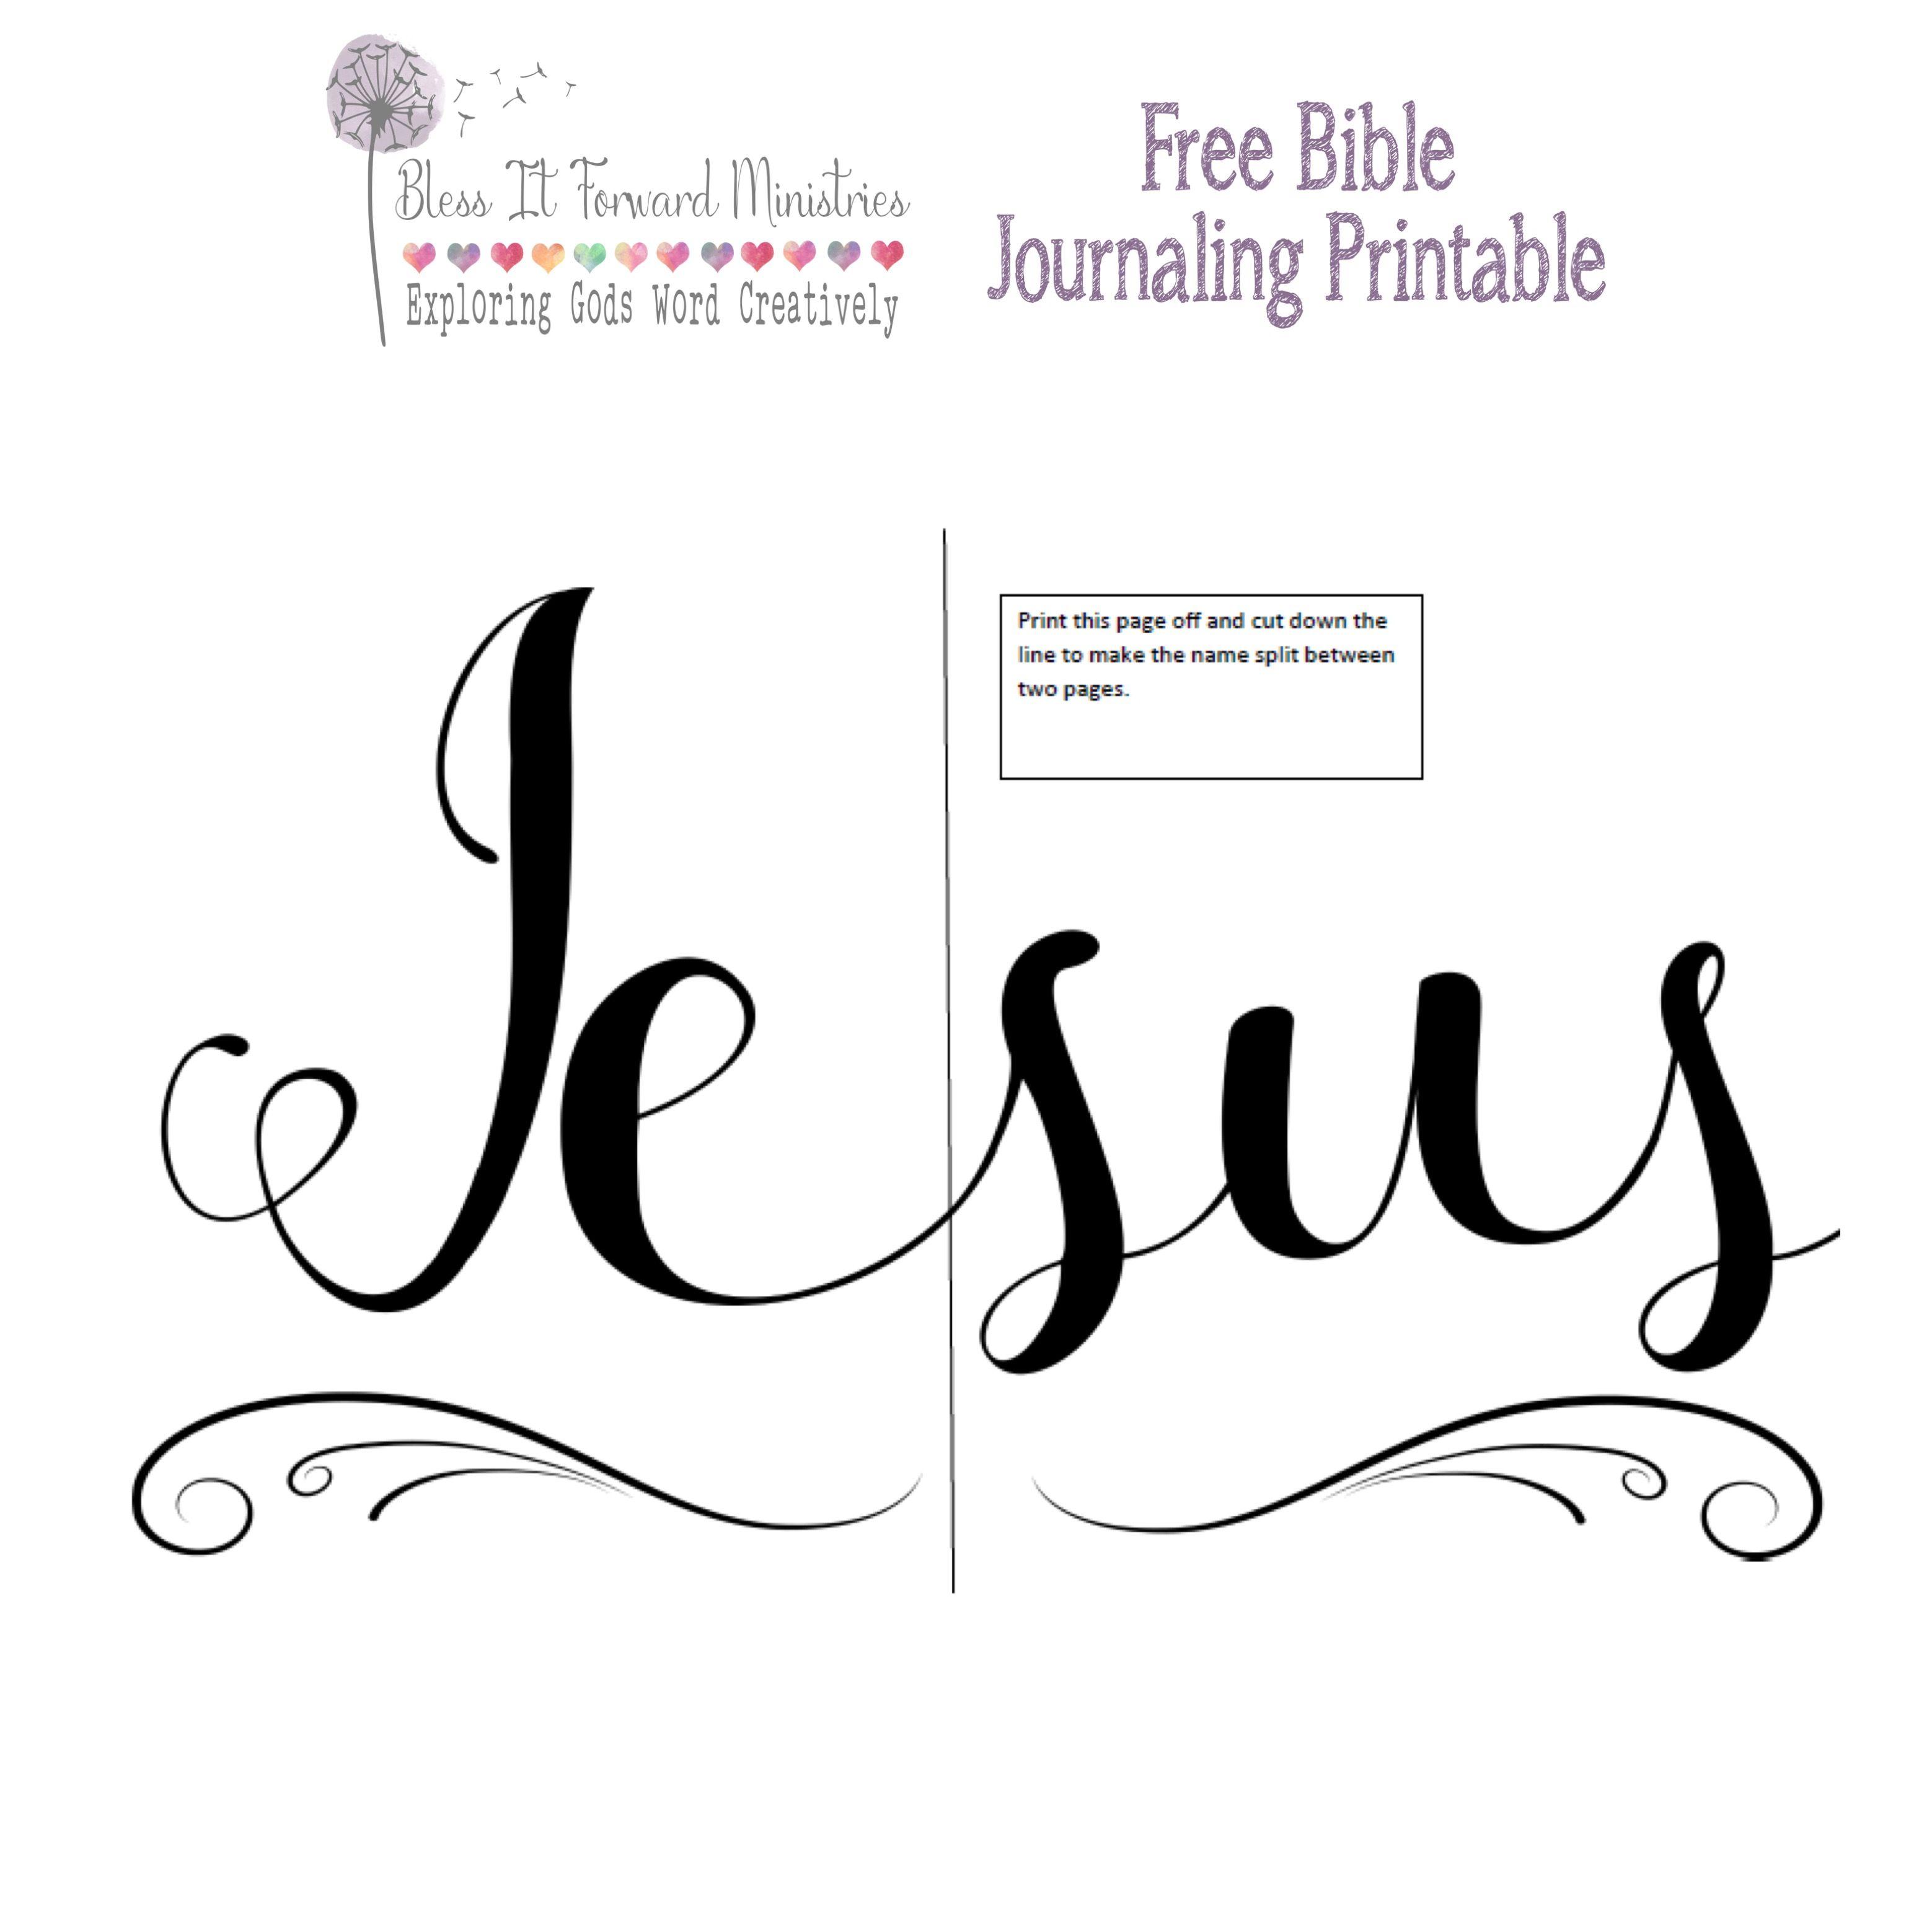 Free Bible journaling printable      :-) | Journal | Free bible